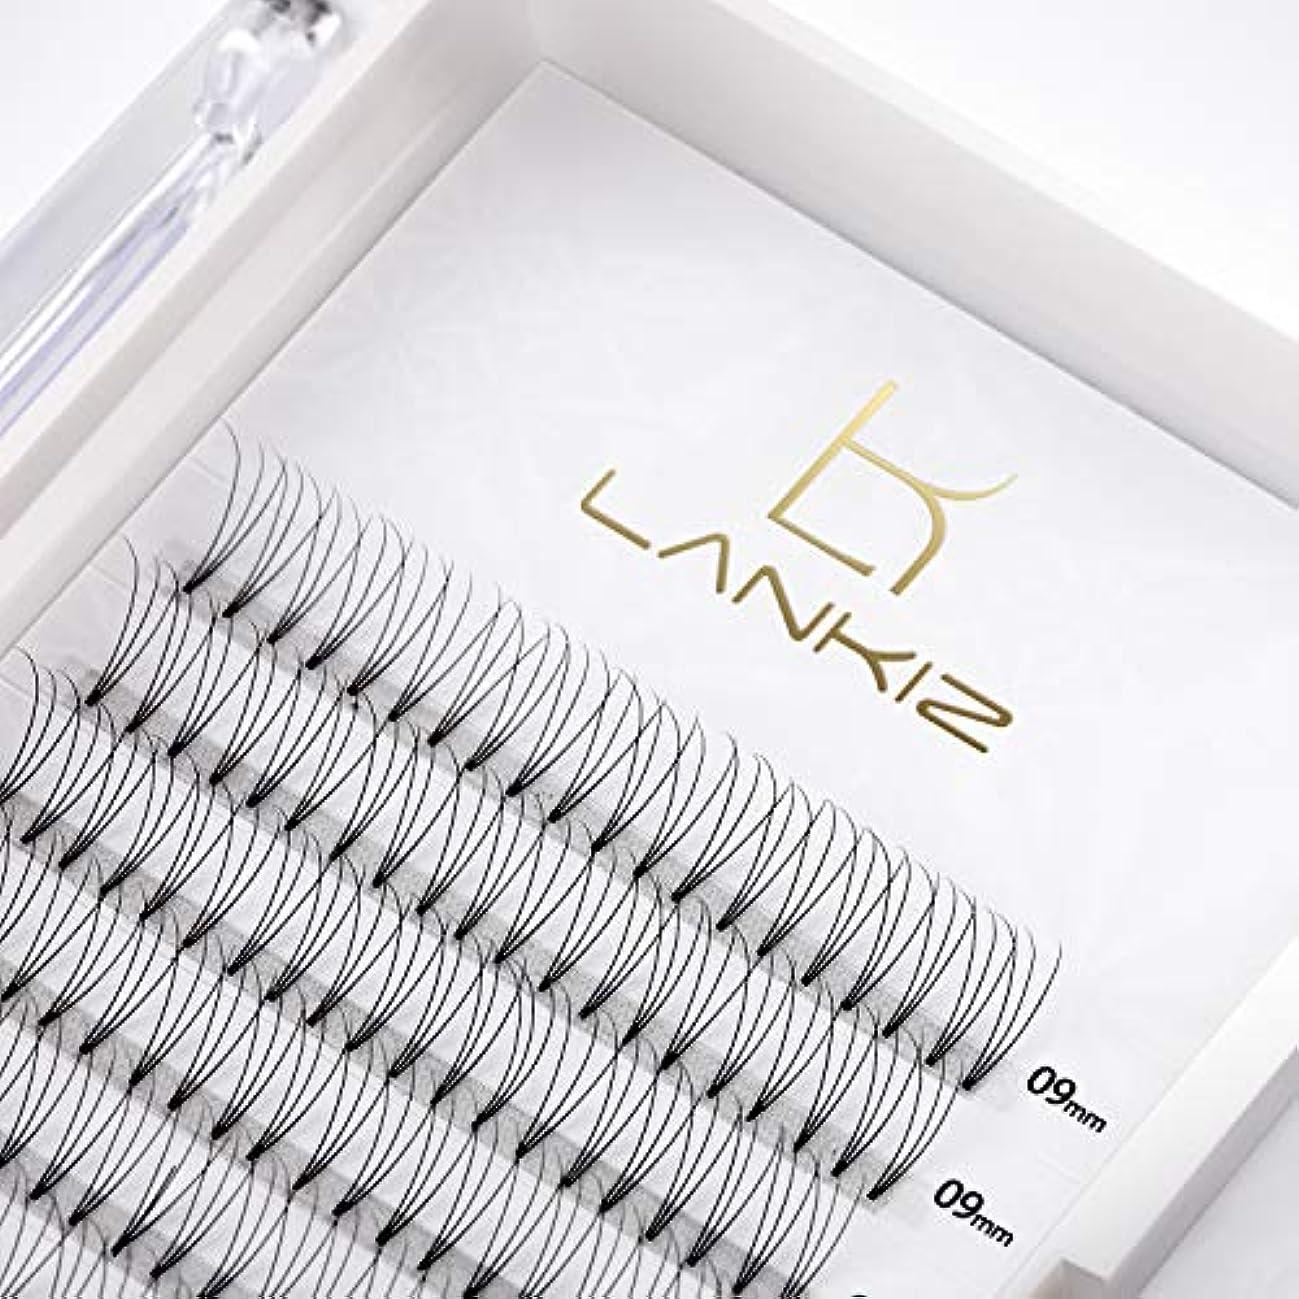 引数救い頬骨LANKIZ まつげエクステ 3D ボリュームまつげ Cカール 太さ0.10 11mm 12列 マツエク(3本束)